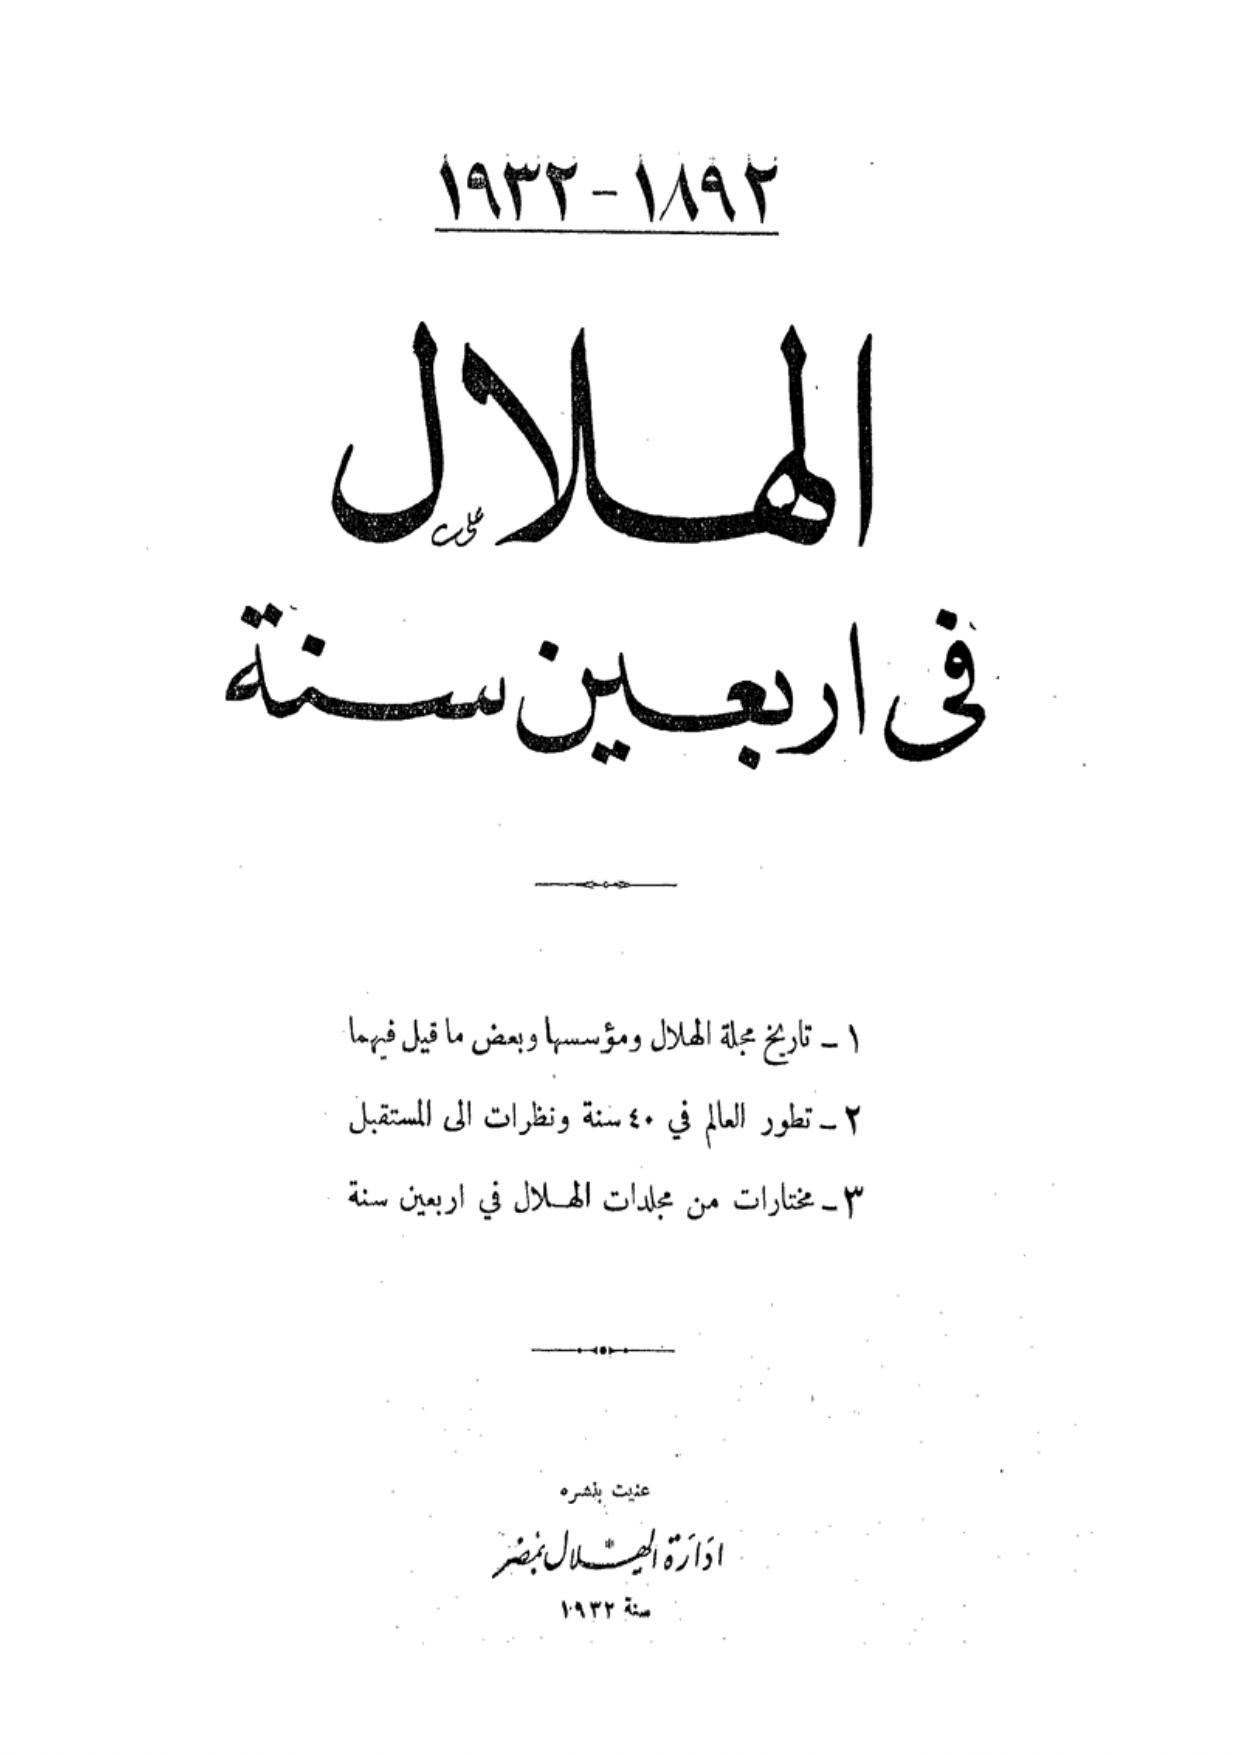 al-Jababira [The Titans], Al-Hilal 7 (April 1, 1916), pp. 554-556 (from: al-Hilal fa 'Arbaein Sanat 1892-1932, al-Qahirah: 'Iidarat al-Hilal, 1932, pp. 130-131).